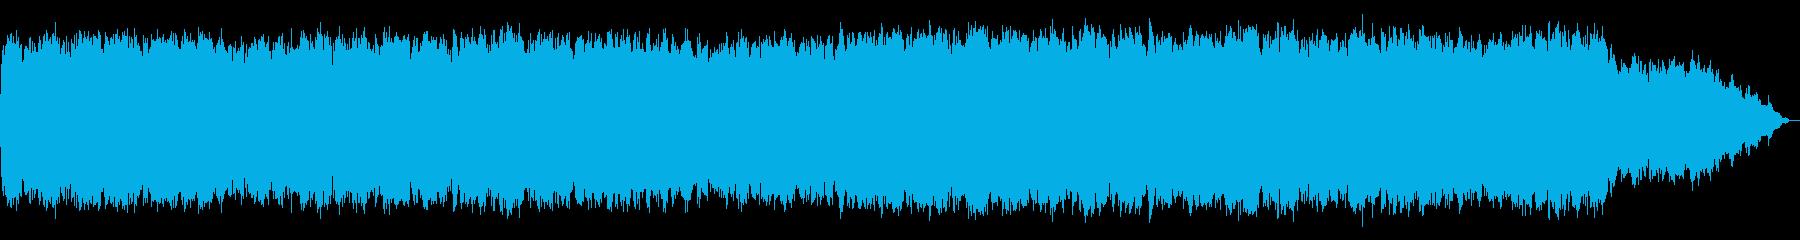 民族的な笛のフレーズの音楽の再生済みの波形